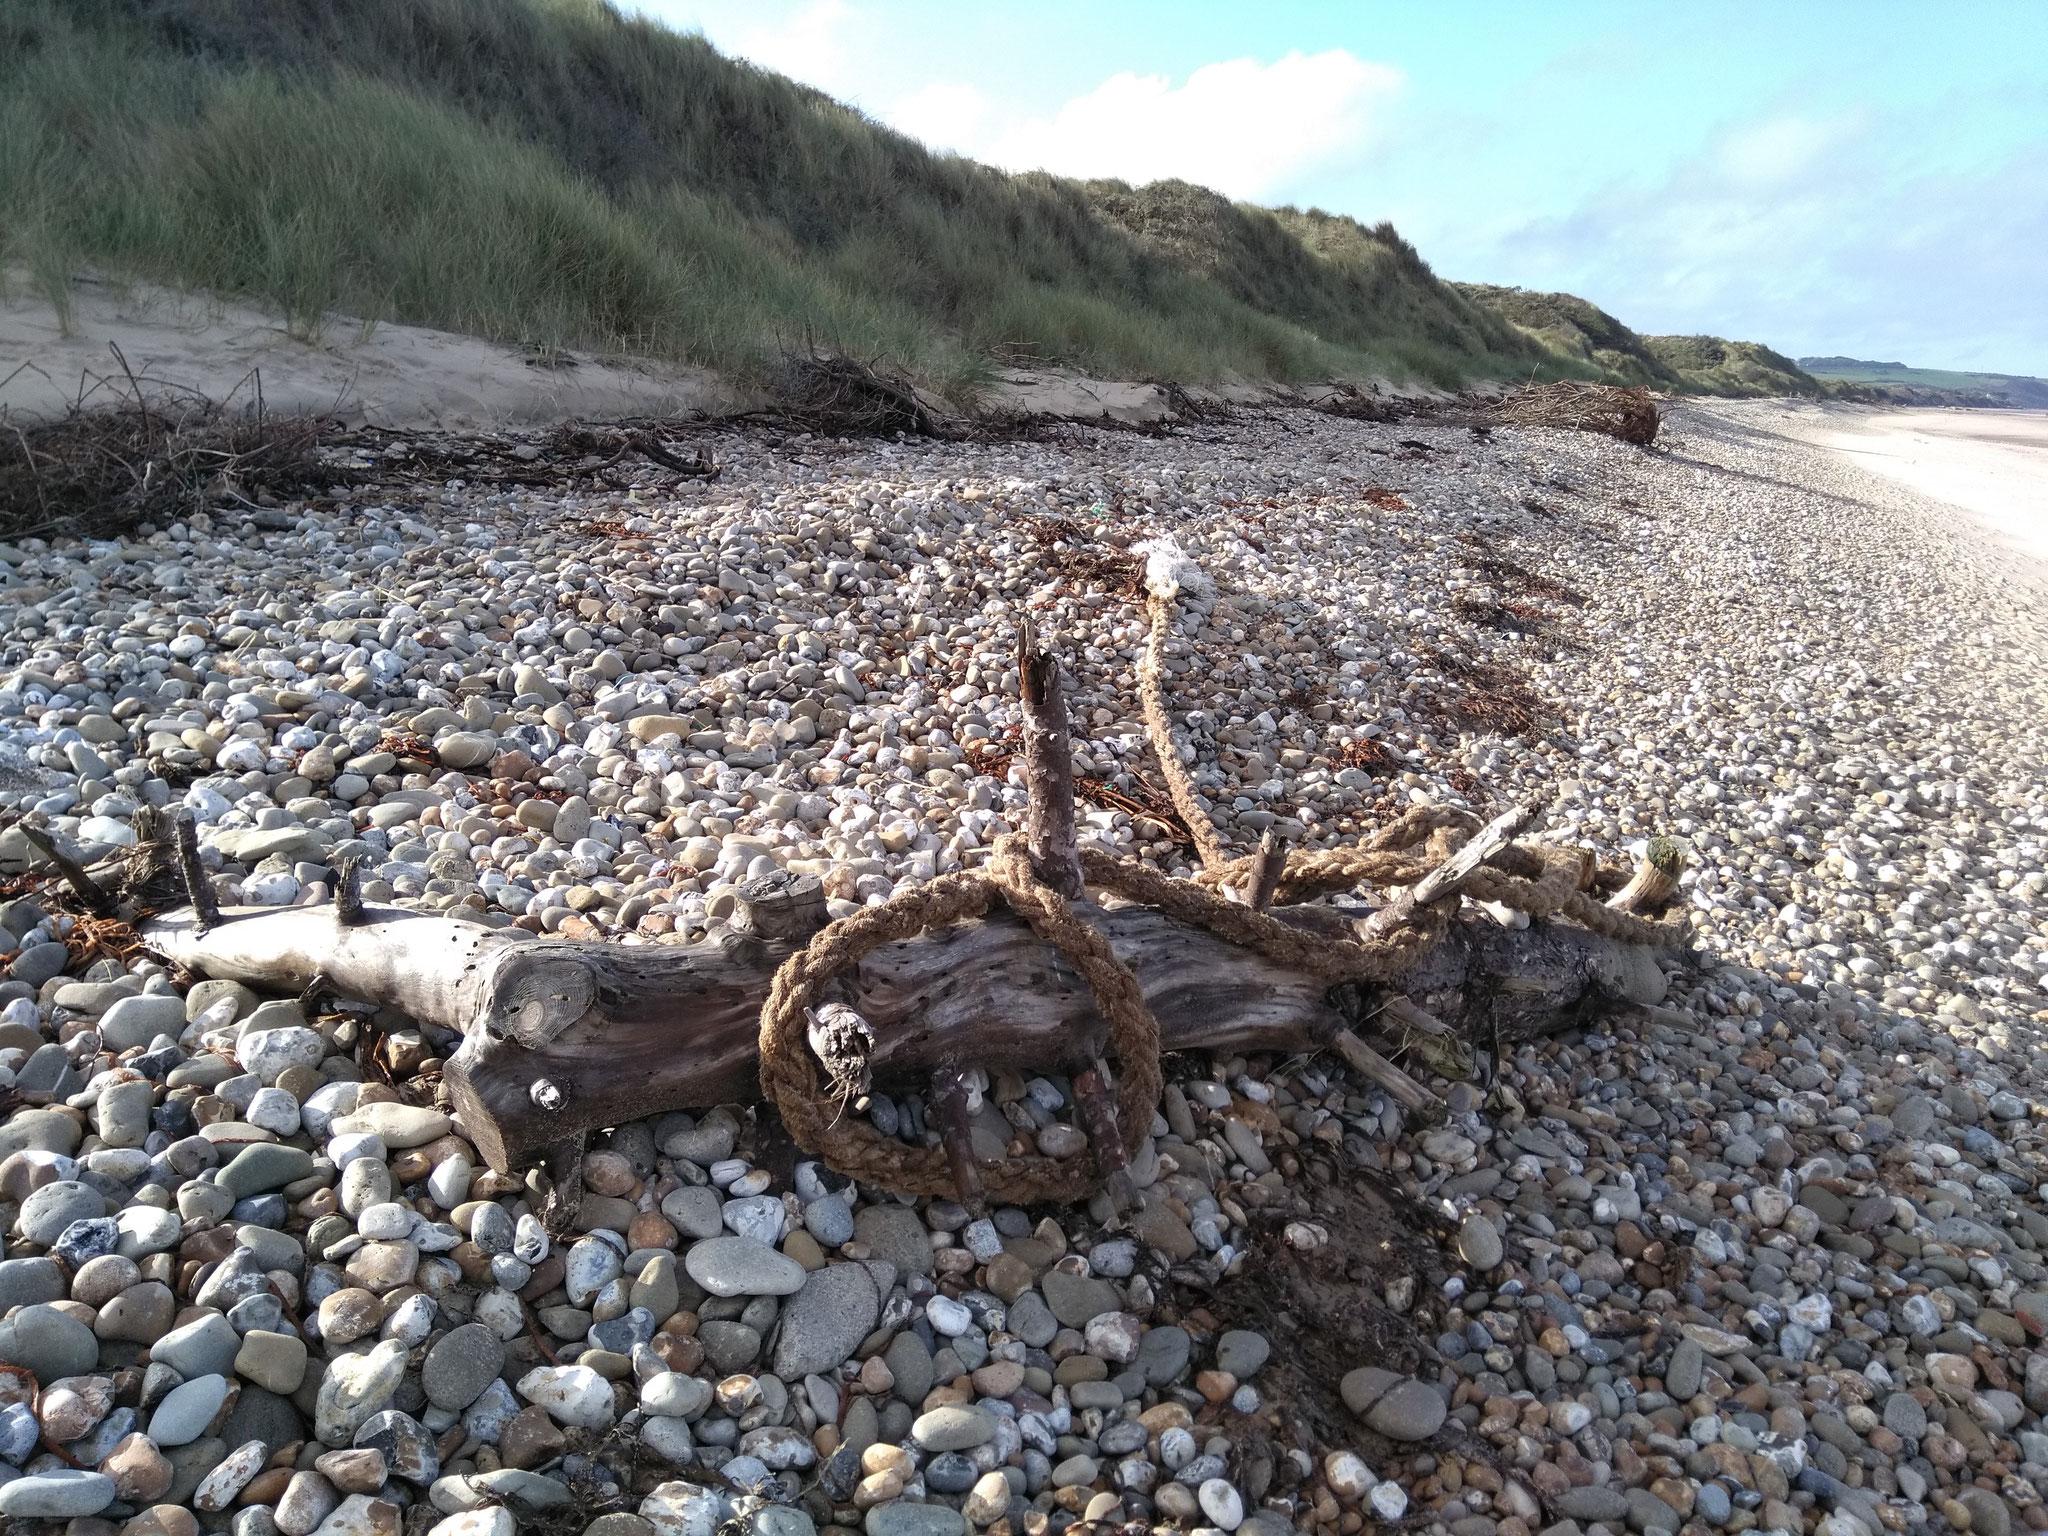 Strandgut - die Natur macht Kunst :-)